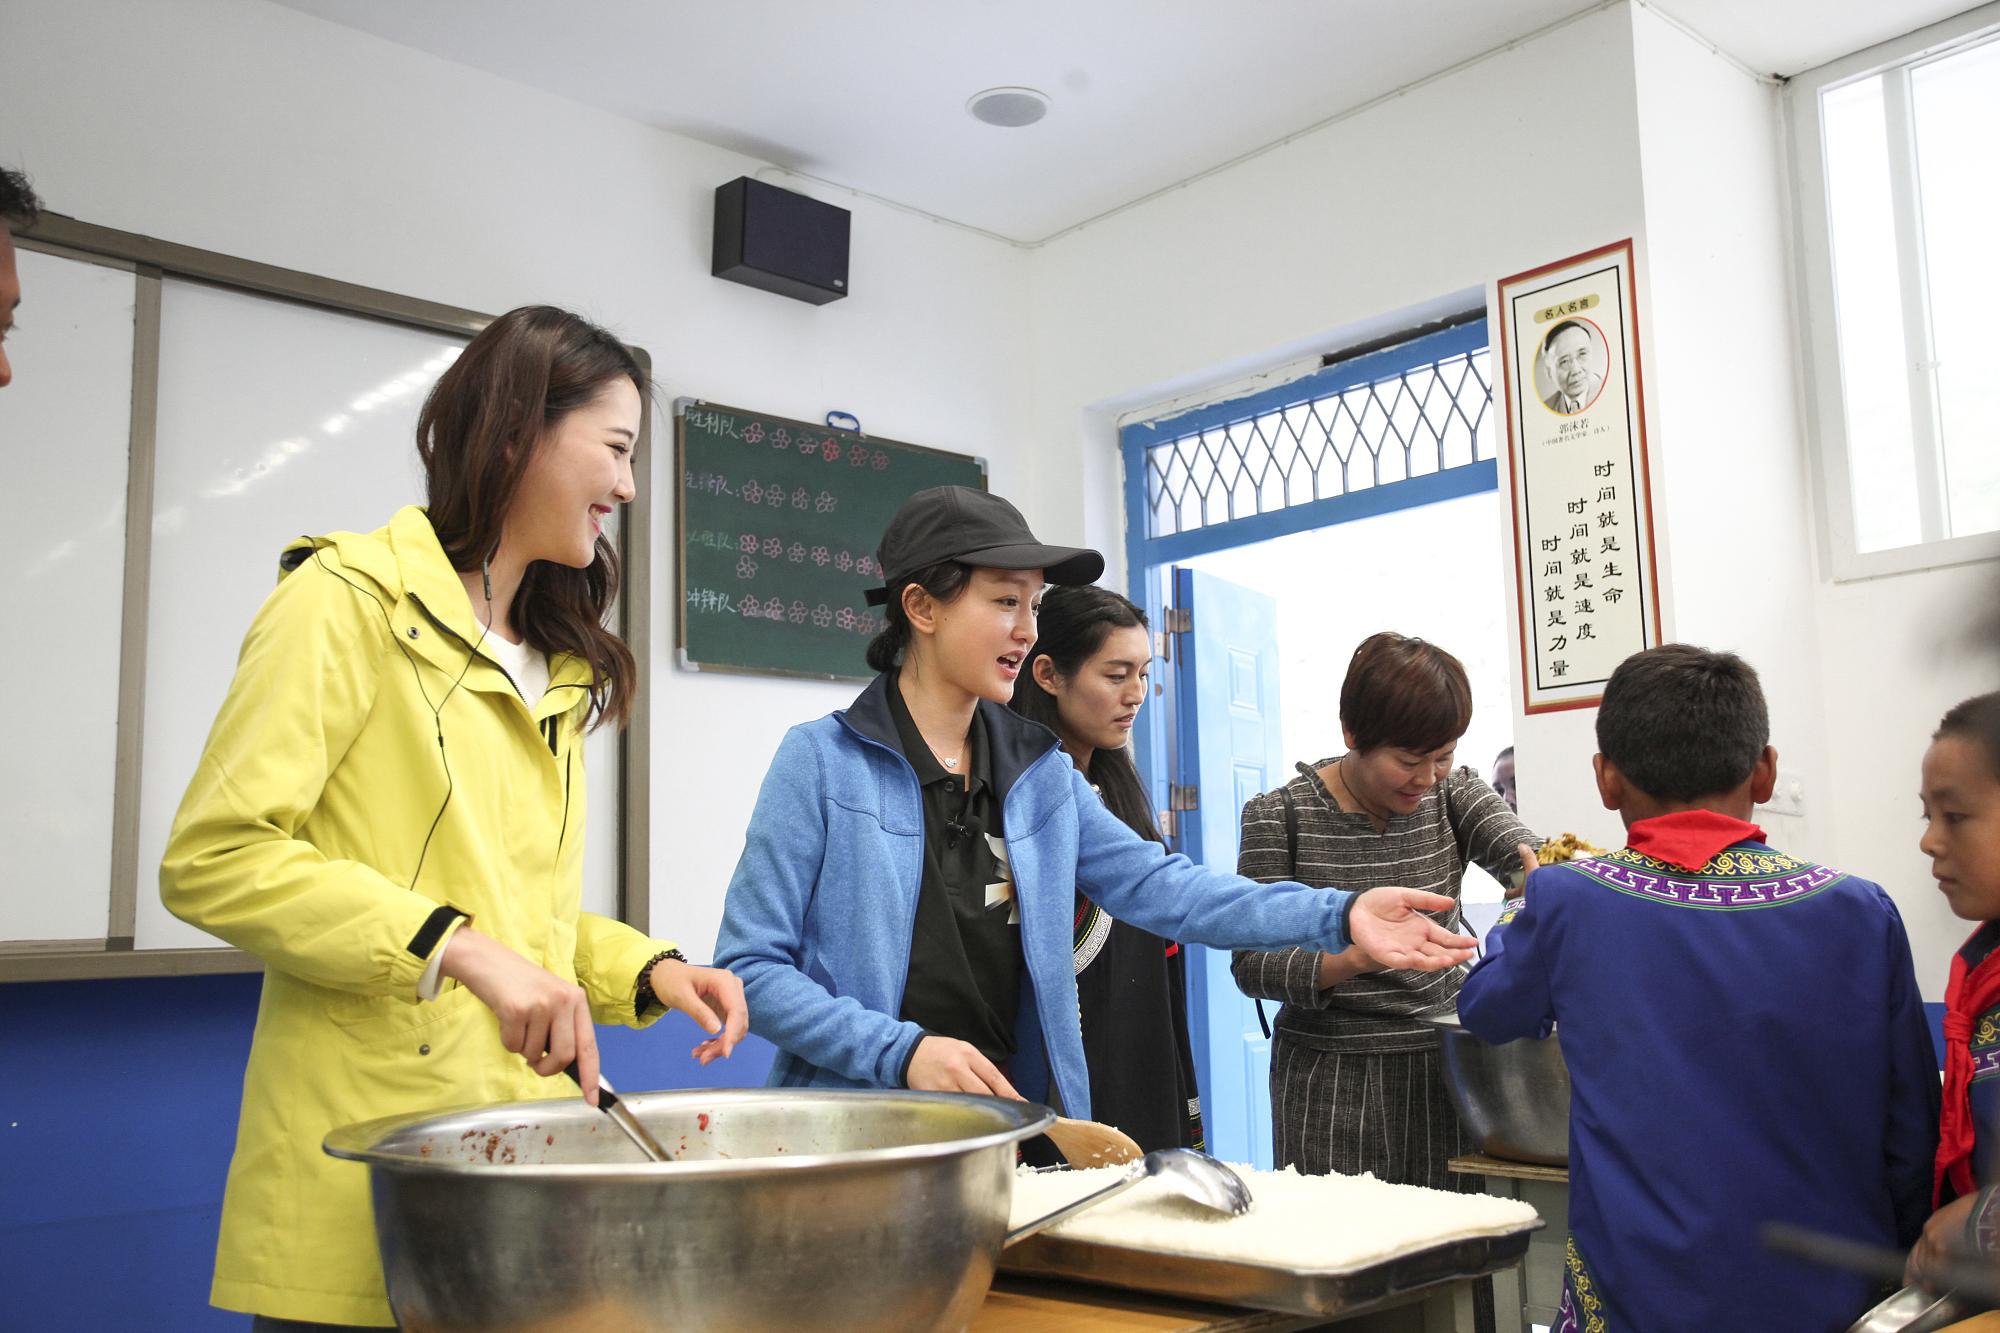 周迅戏外忙公益探访大凉山 亲自为孩子盛饭显母爱